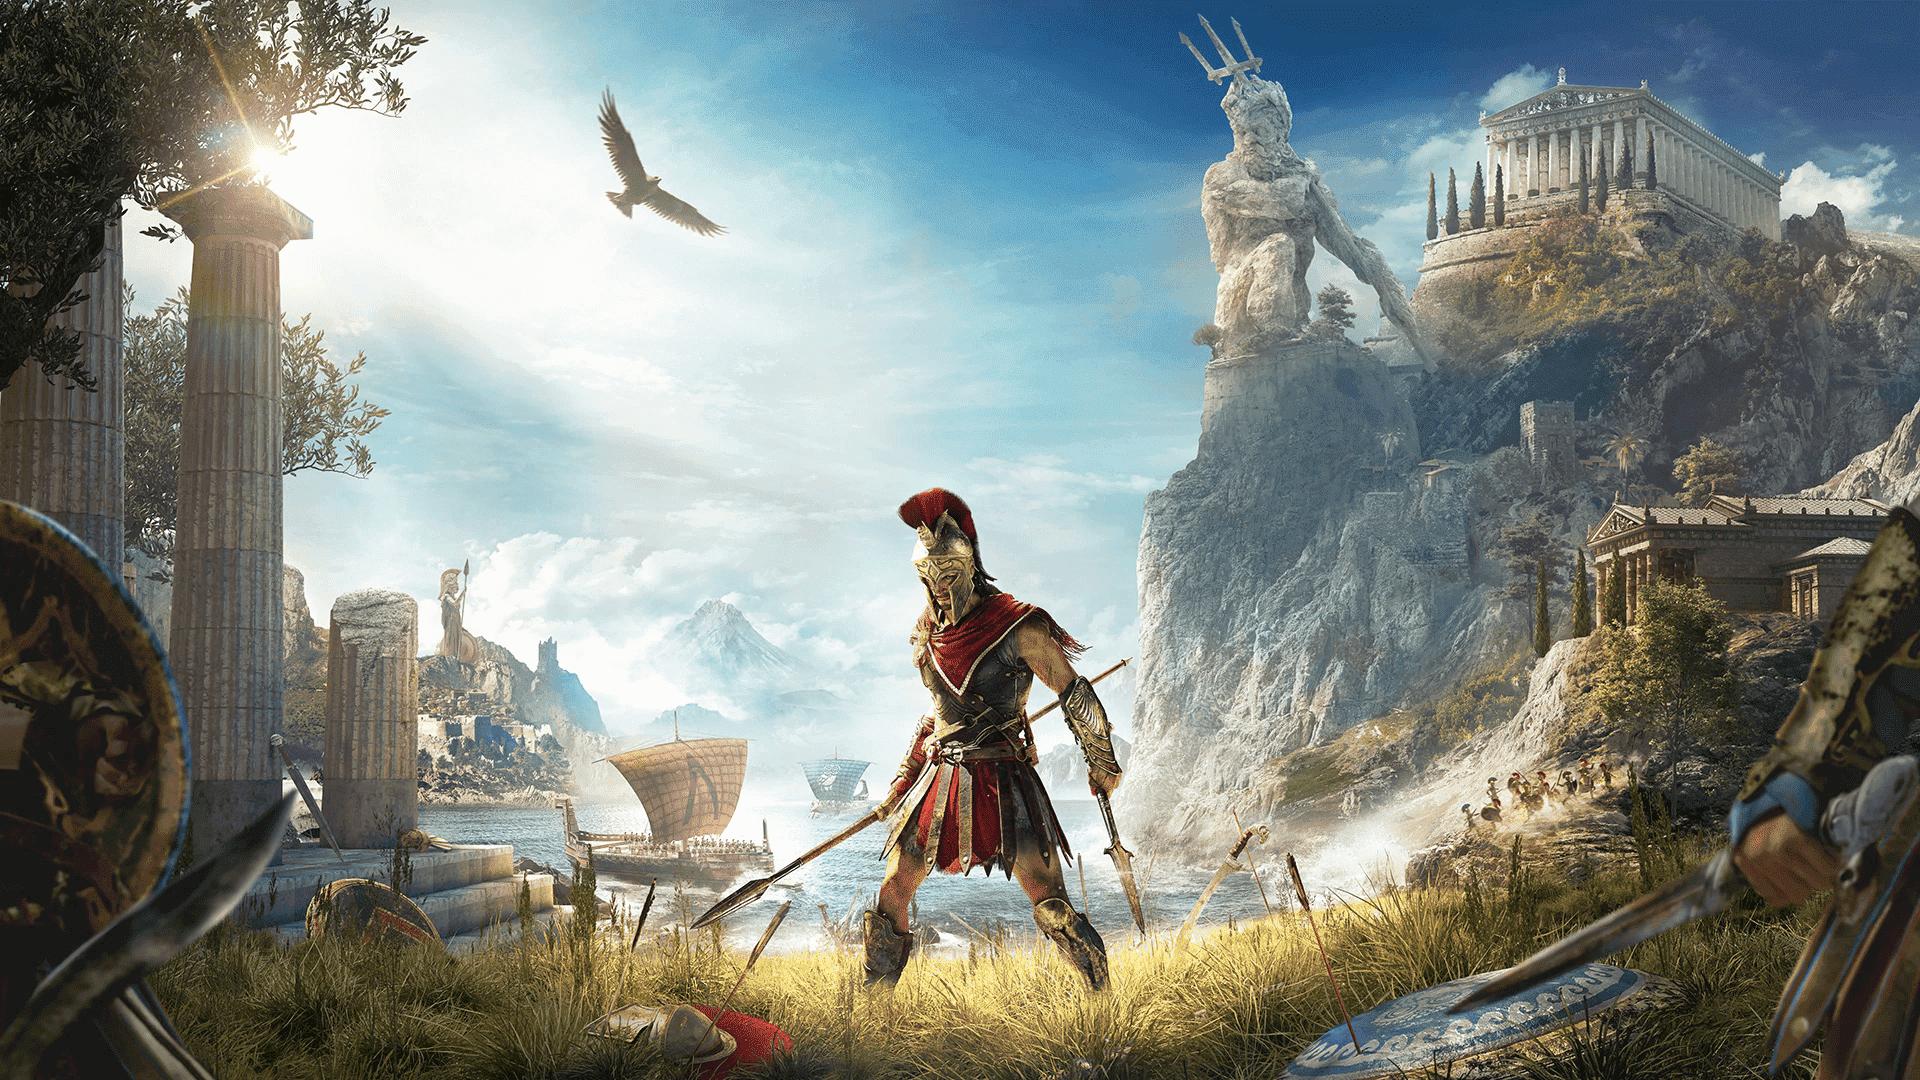 Assassin's Creed é um RPG ambientado em épocas reais da história (Foto: Divulgação/Ubisoft)